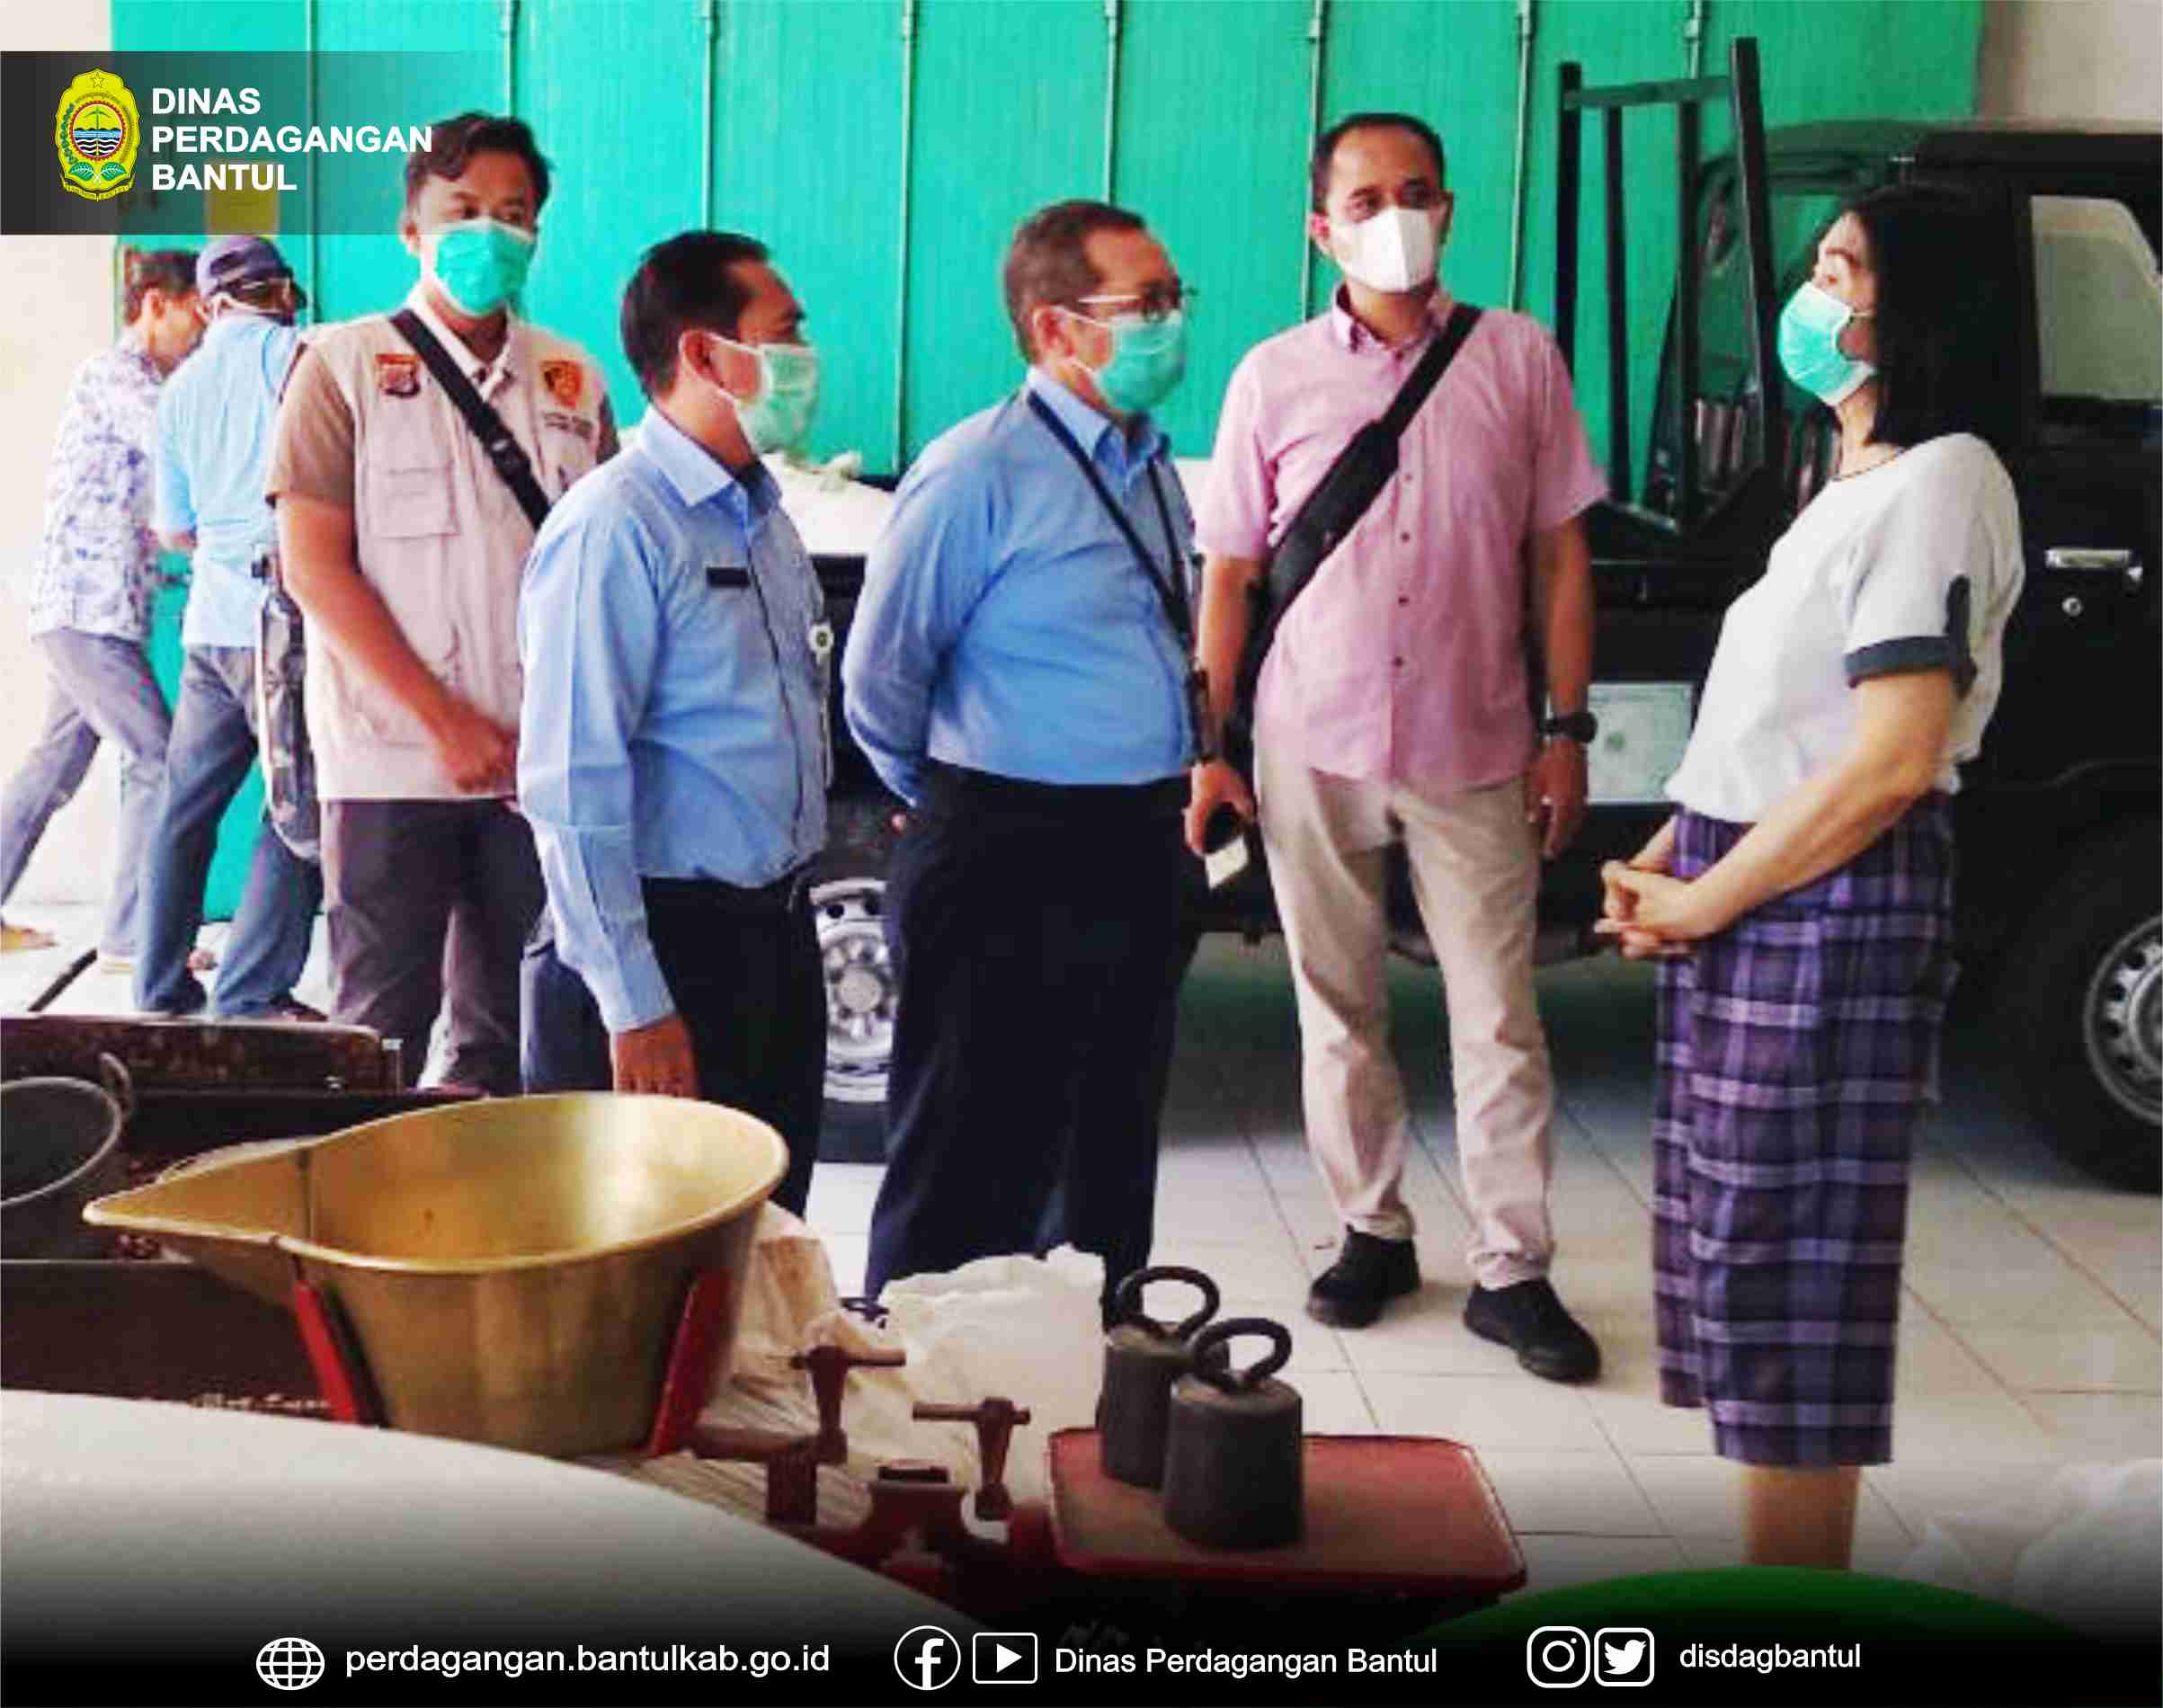 Pemantauan Ketersediaan dan Harga Kedelai Bersama Disperindag DIY dan Satgas Pangan Polres Bantul Ke Distributor Kedelai di Kaupaten Bantul